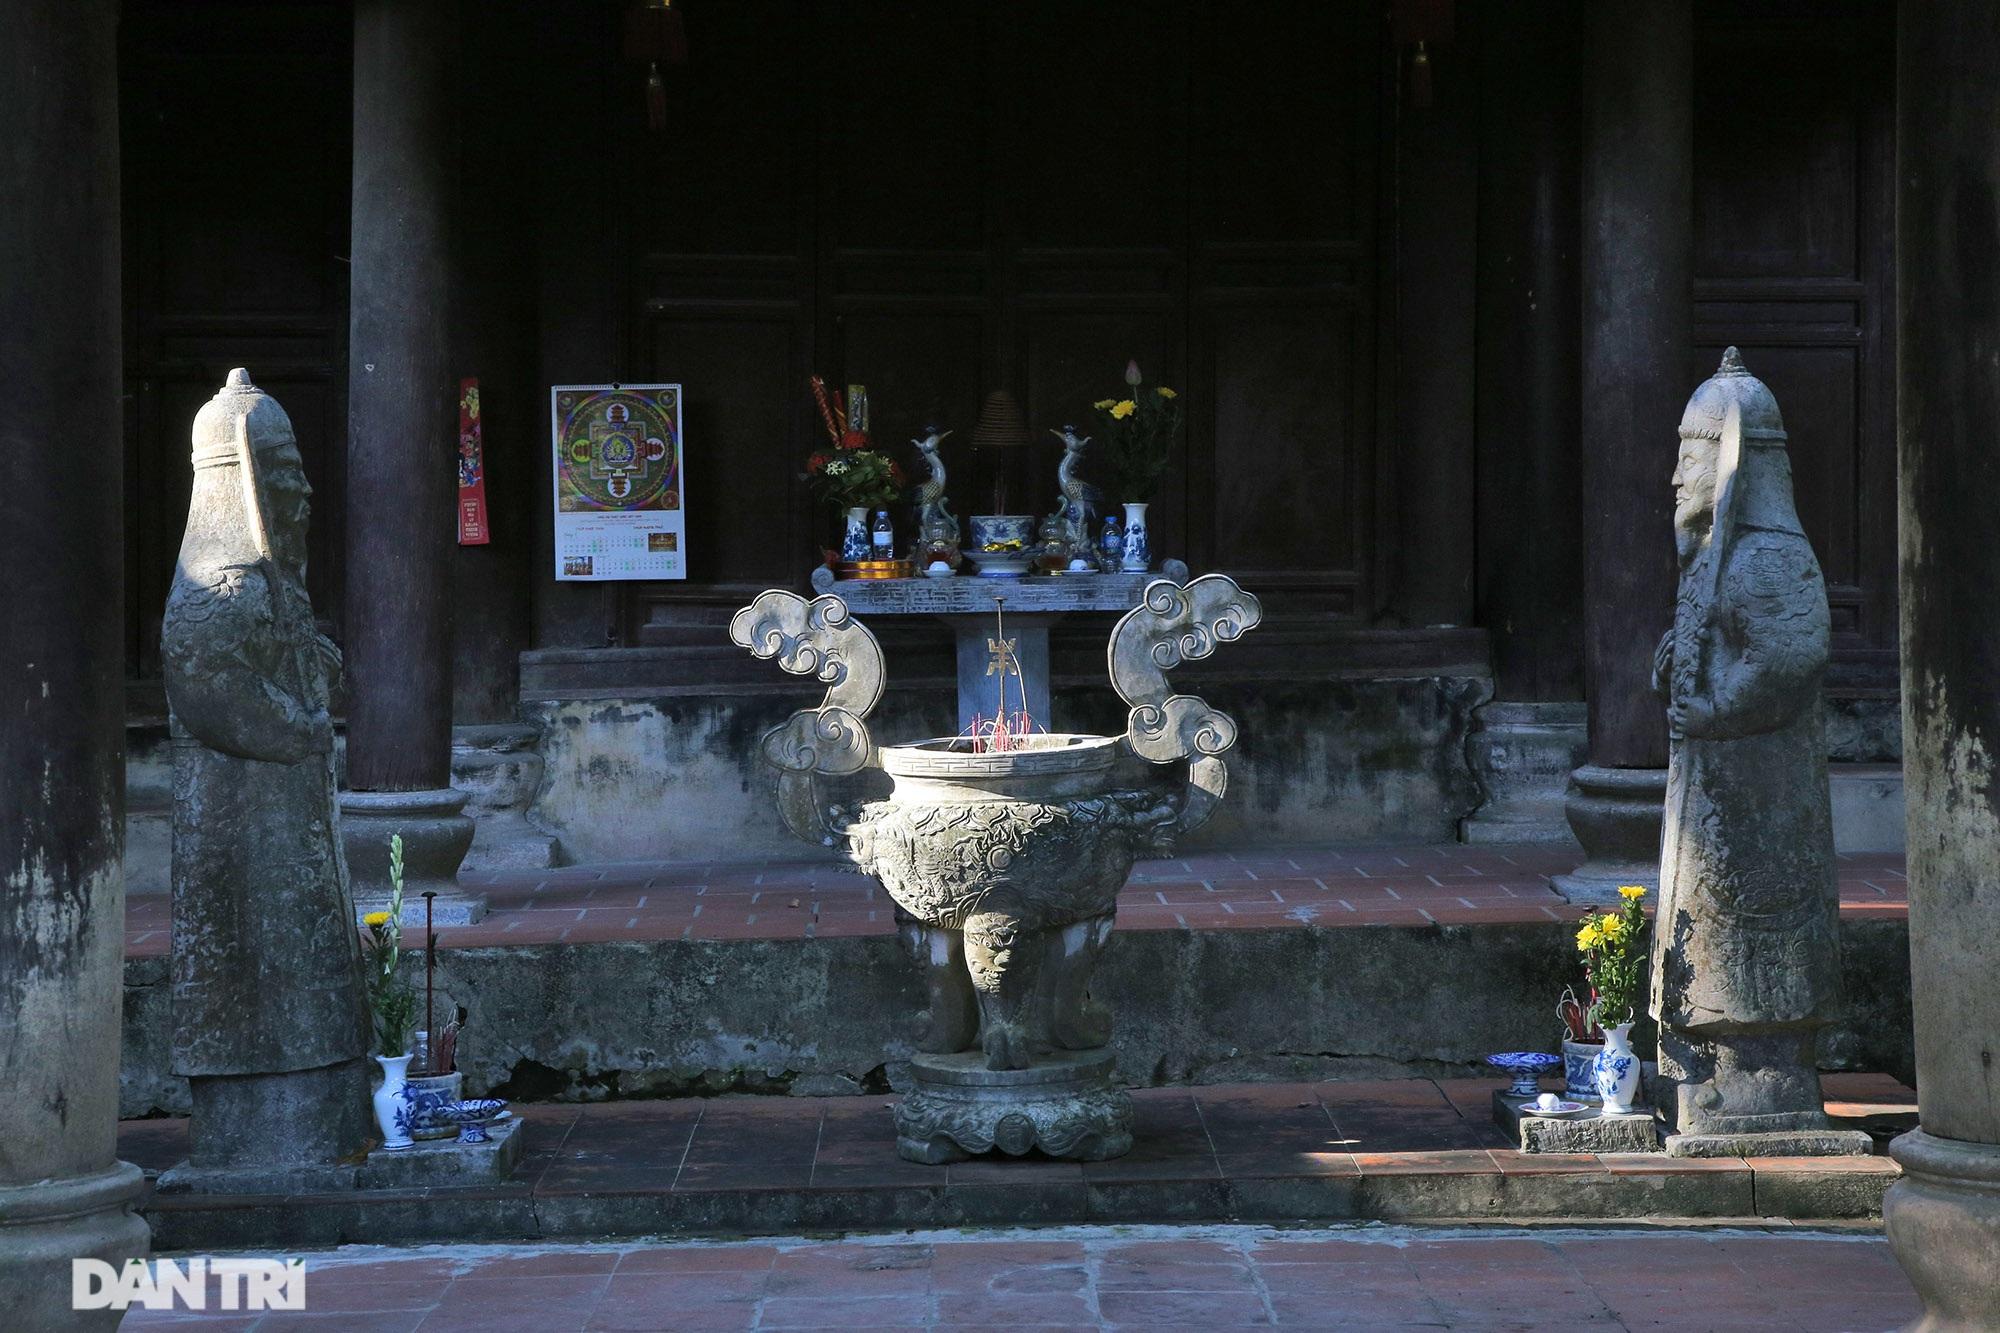 Làng cổ nghìn năm tuổi nổi tiếng giàu có nay là của hiếm ở Hà Nội - 9